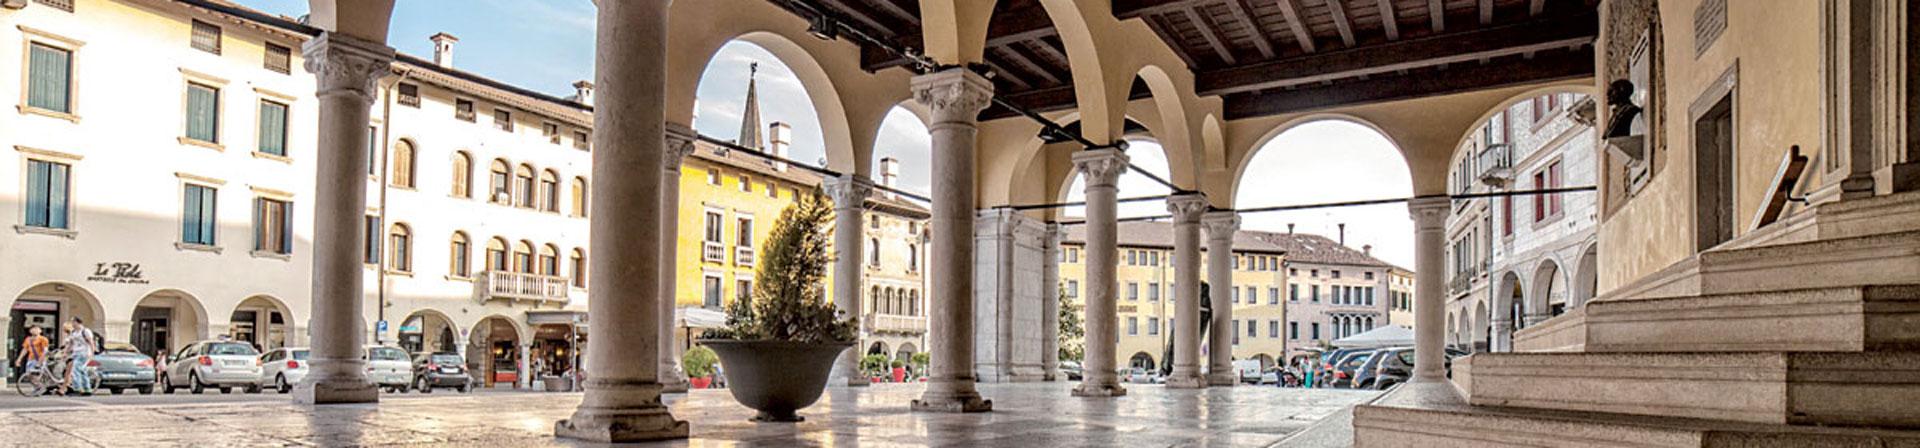 Cosa vedere a Sacile: Piazza del Popolo - porticato esterno